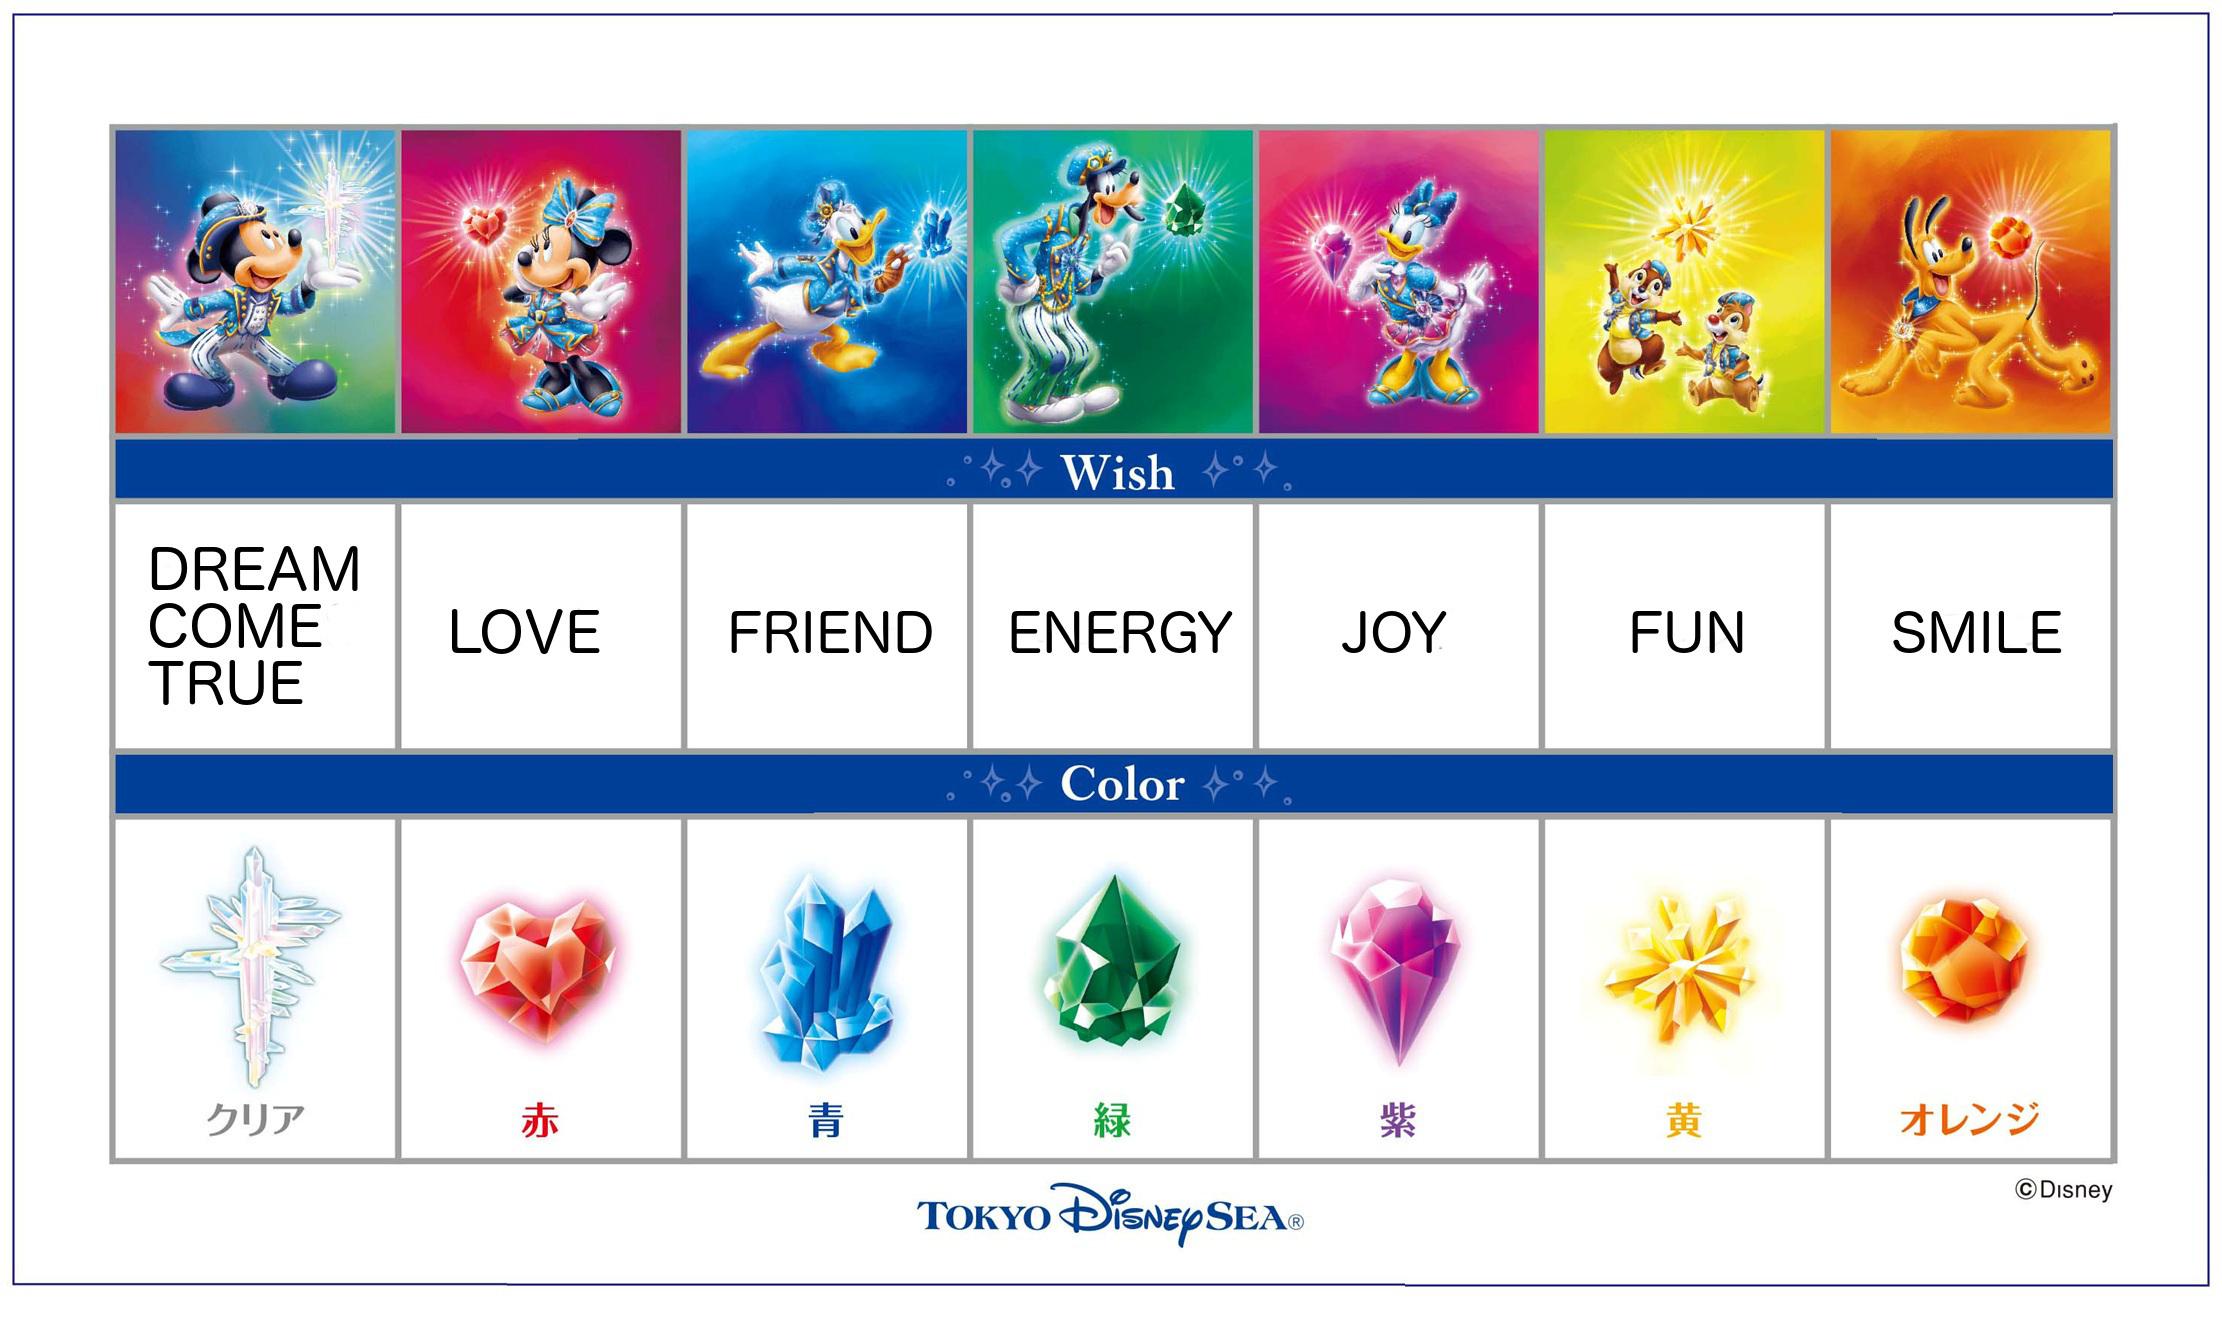 東京迪士尼海洋15週年 超靚紀念商品